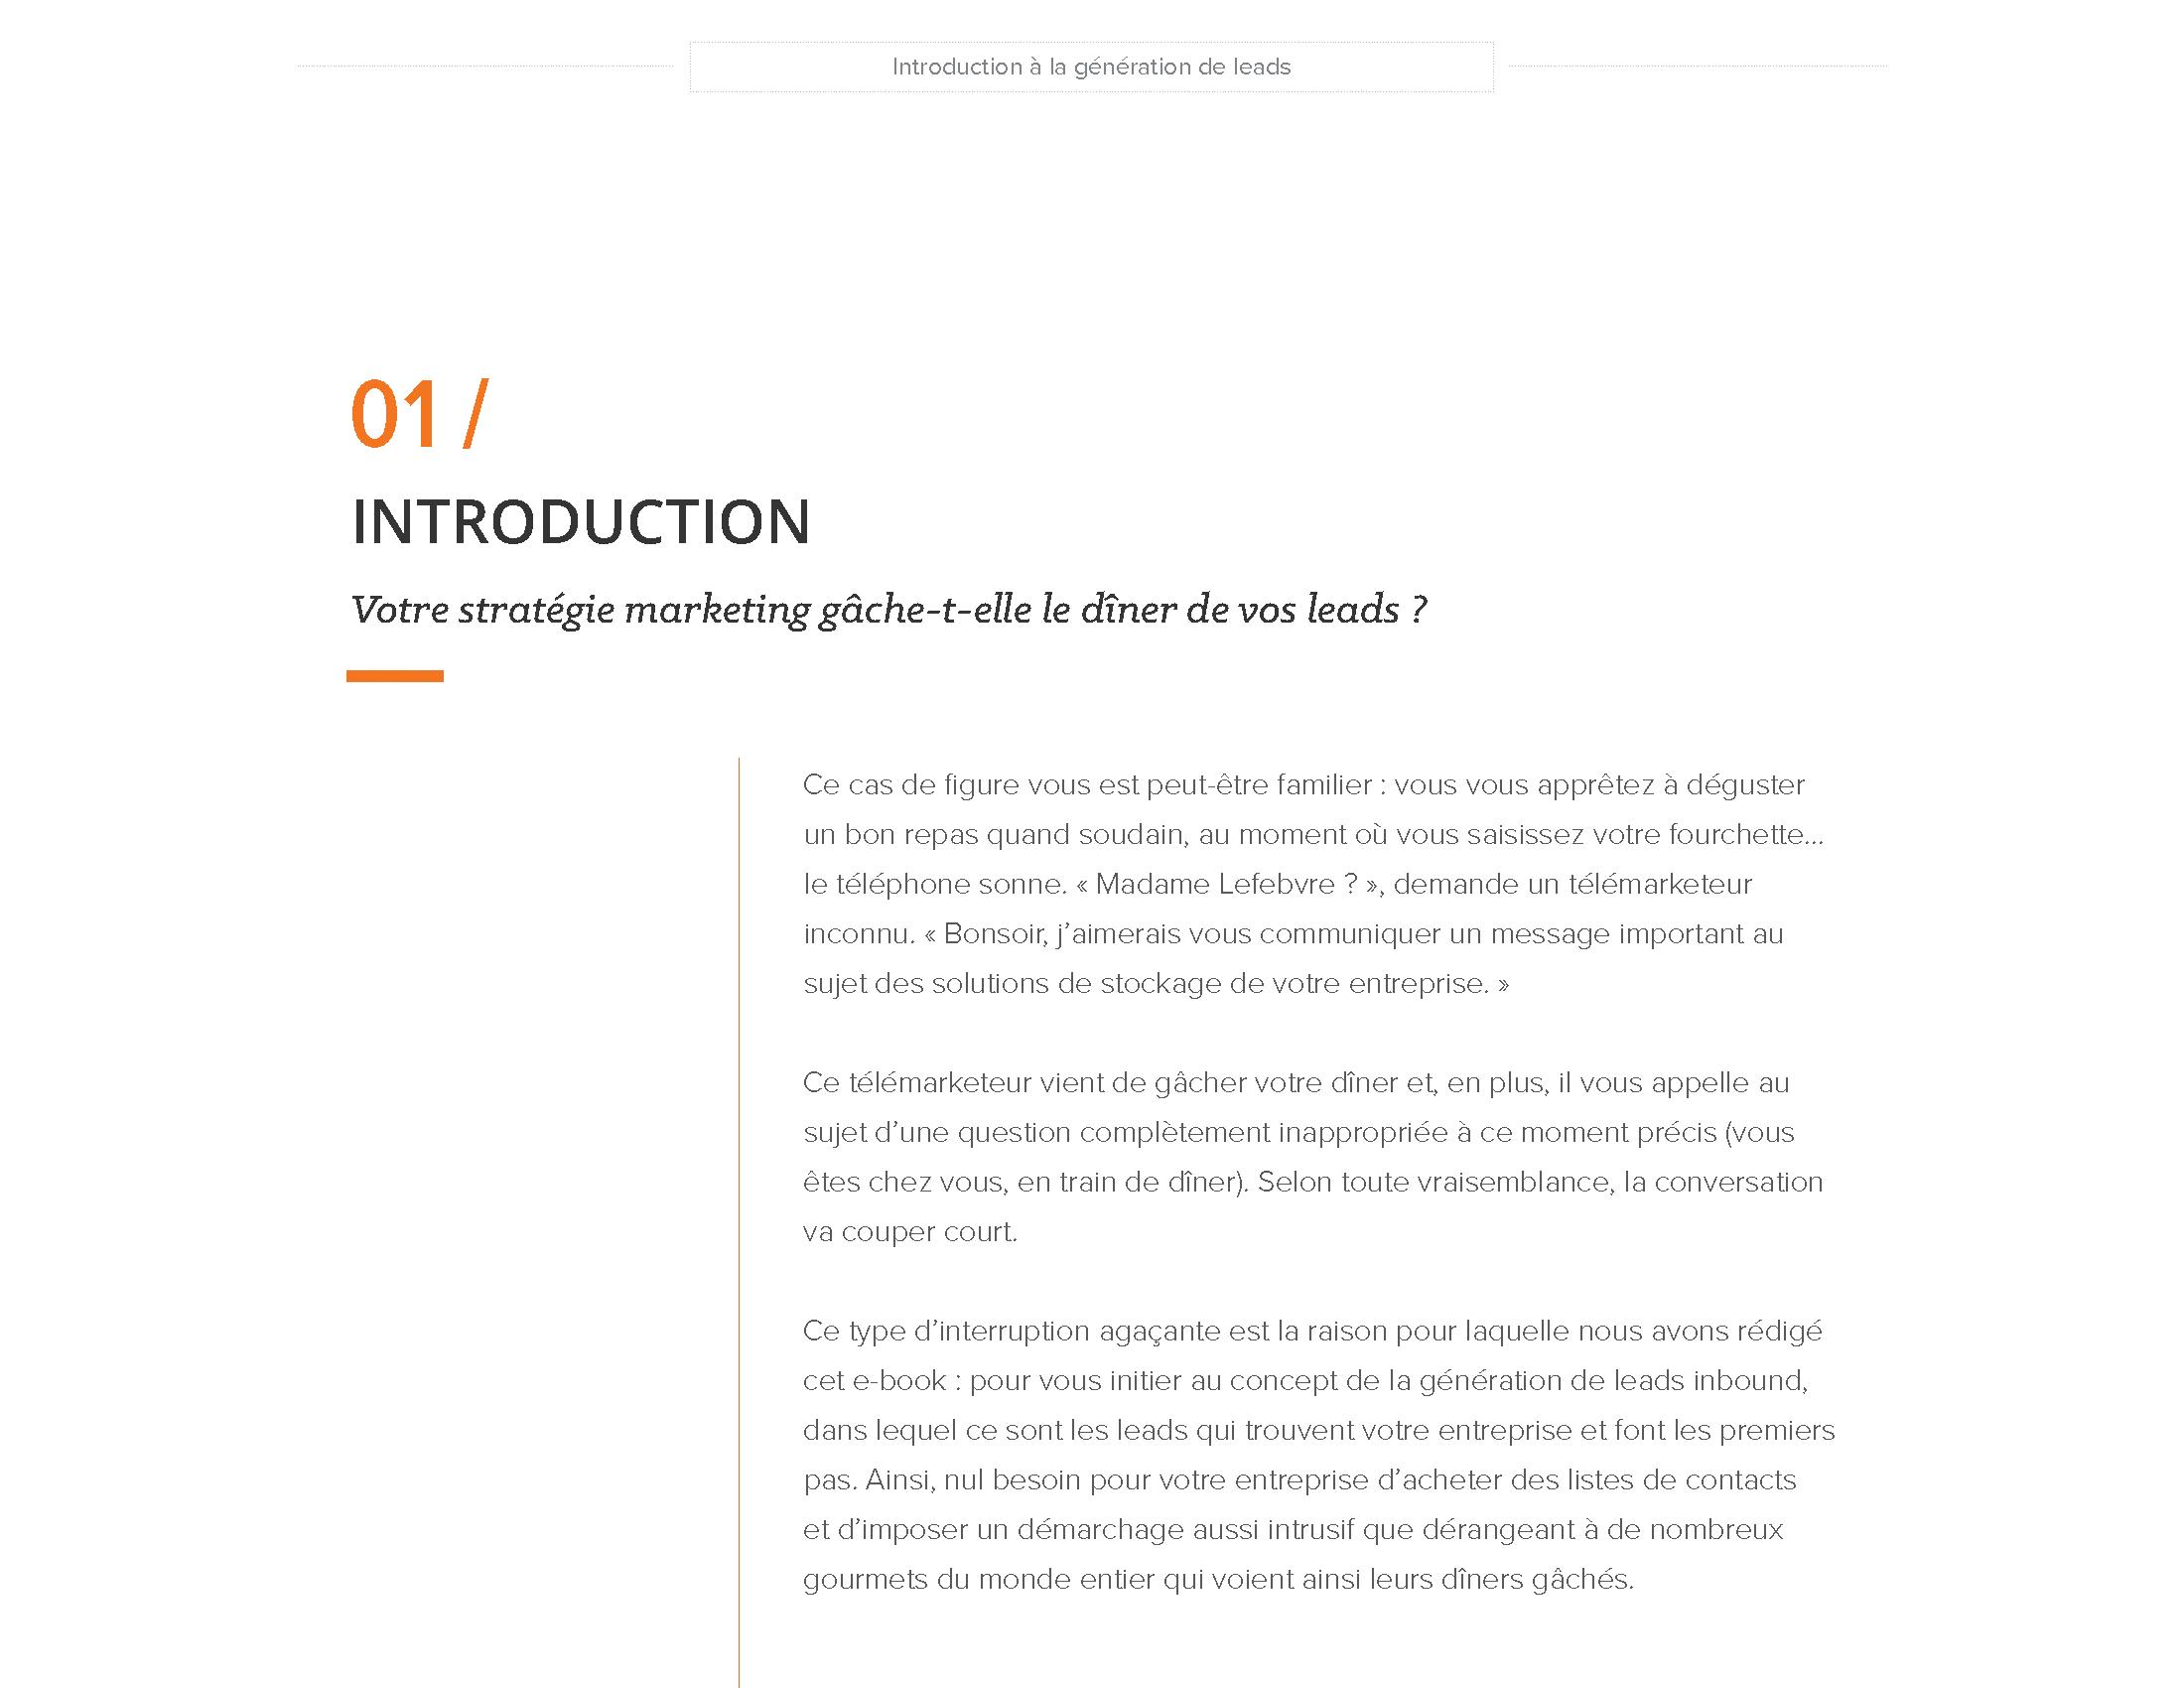 Introduction à la génération de leads - 3